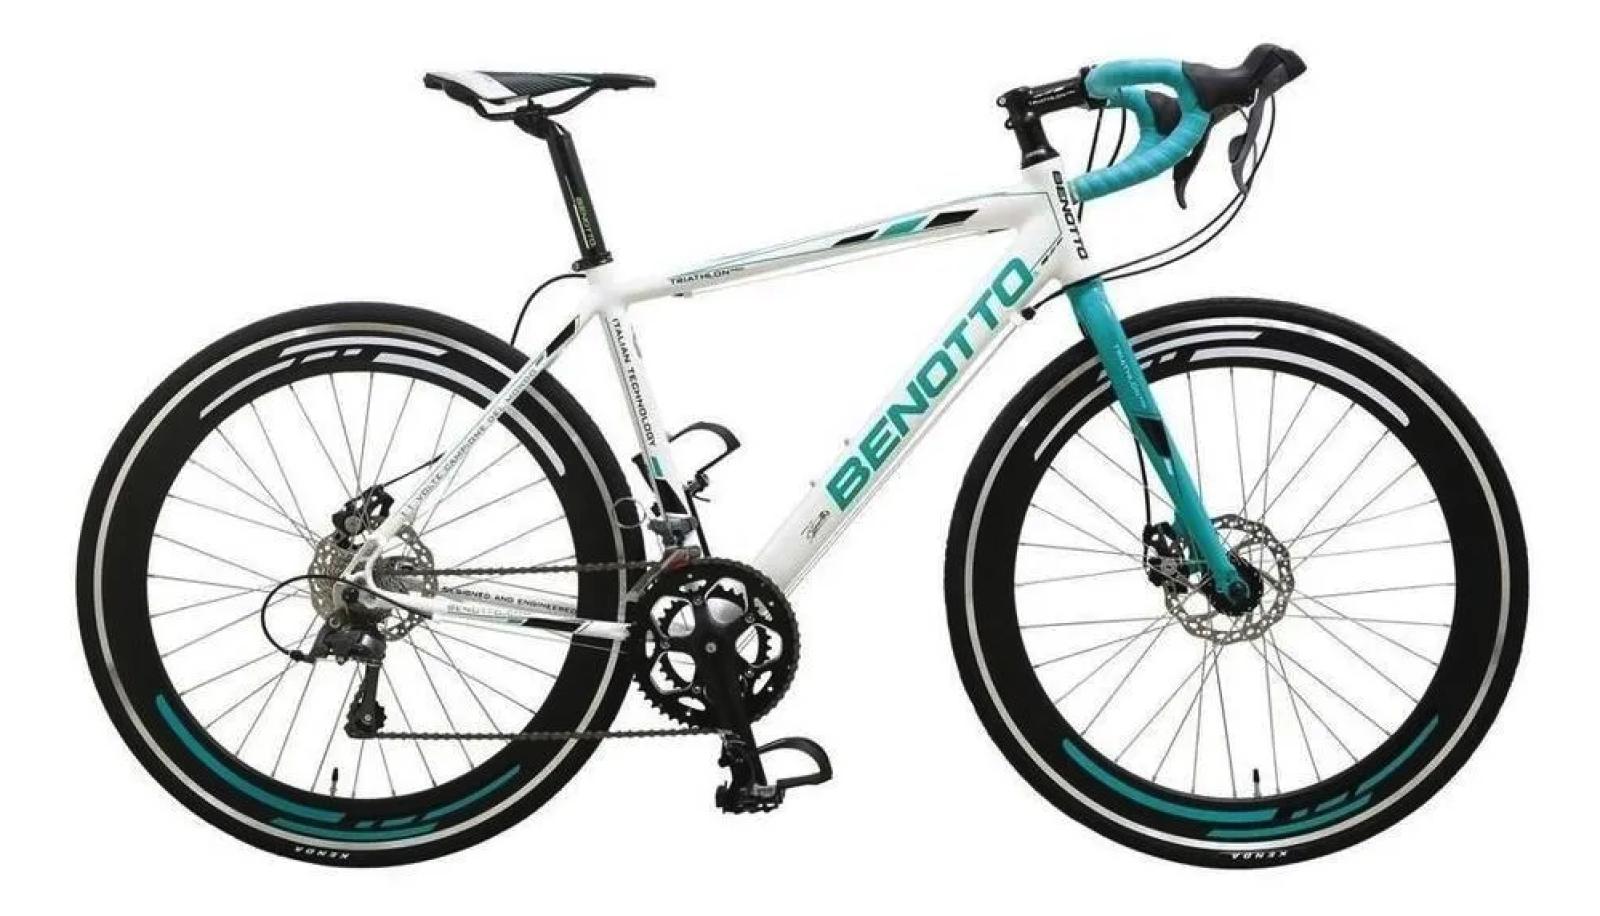 Bicicleta Benotto Ruta Triathlon 15500.png